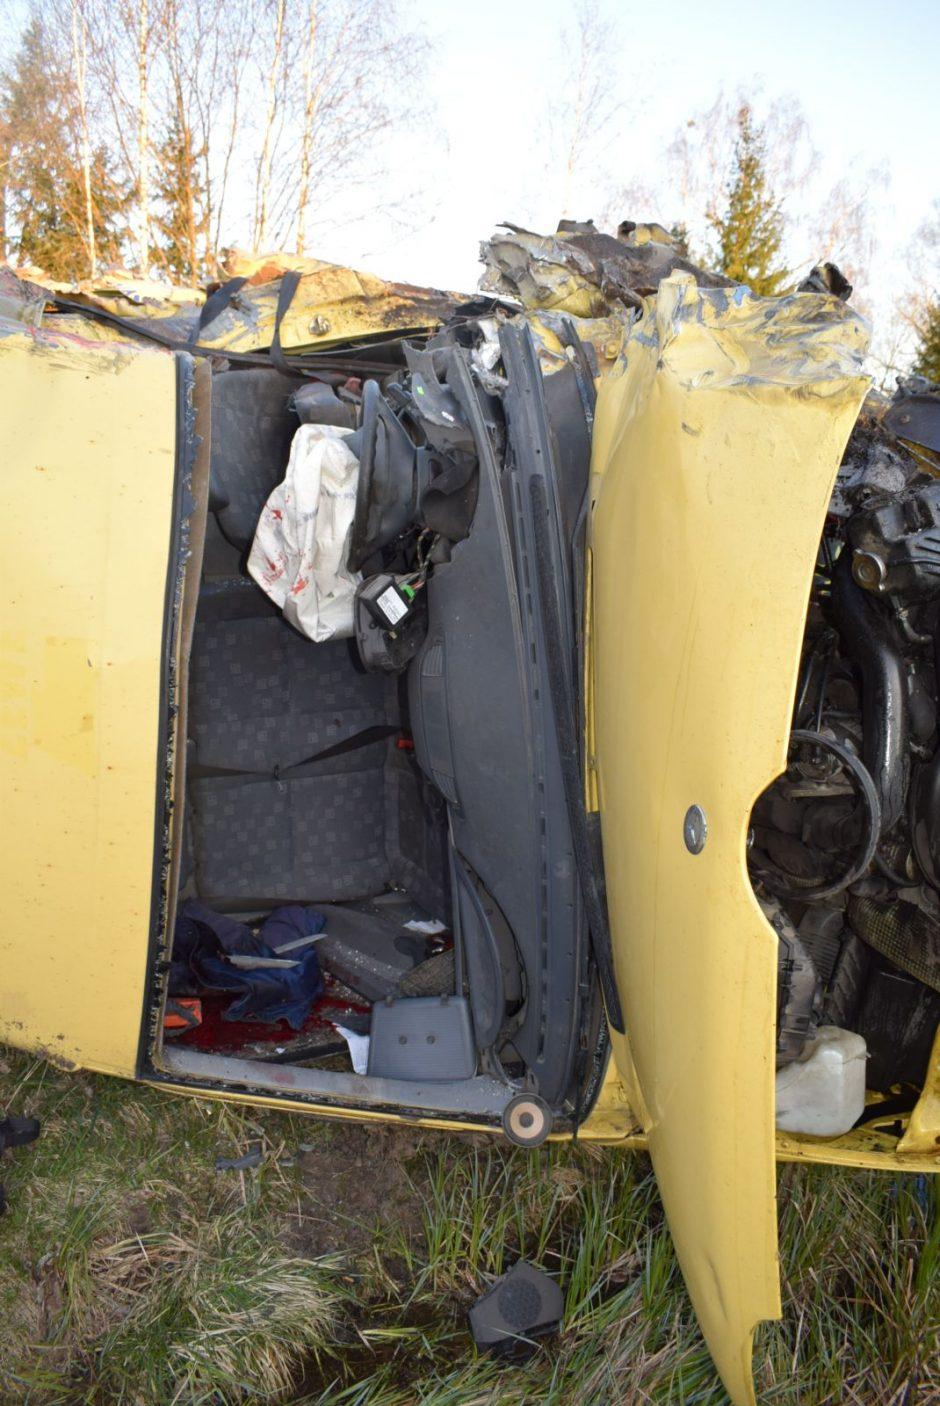 Po susidūrimo su miškavežiu vienam vairuotojų nutraukta ranka